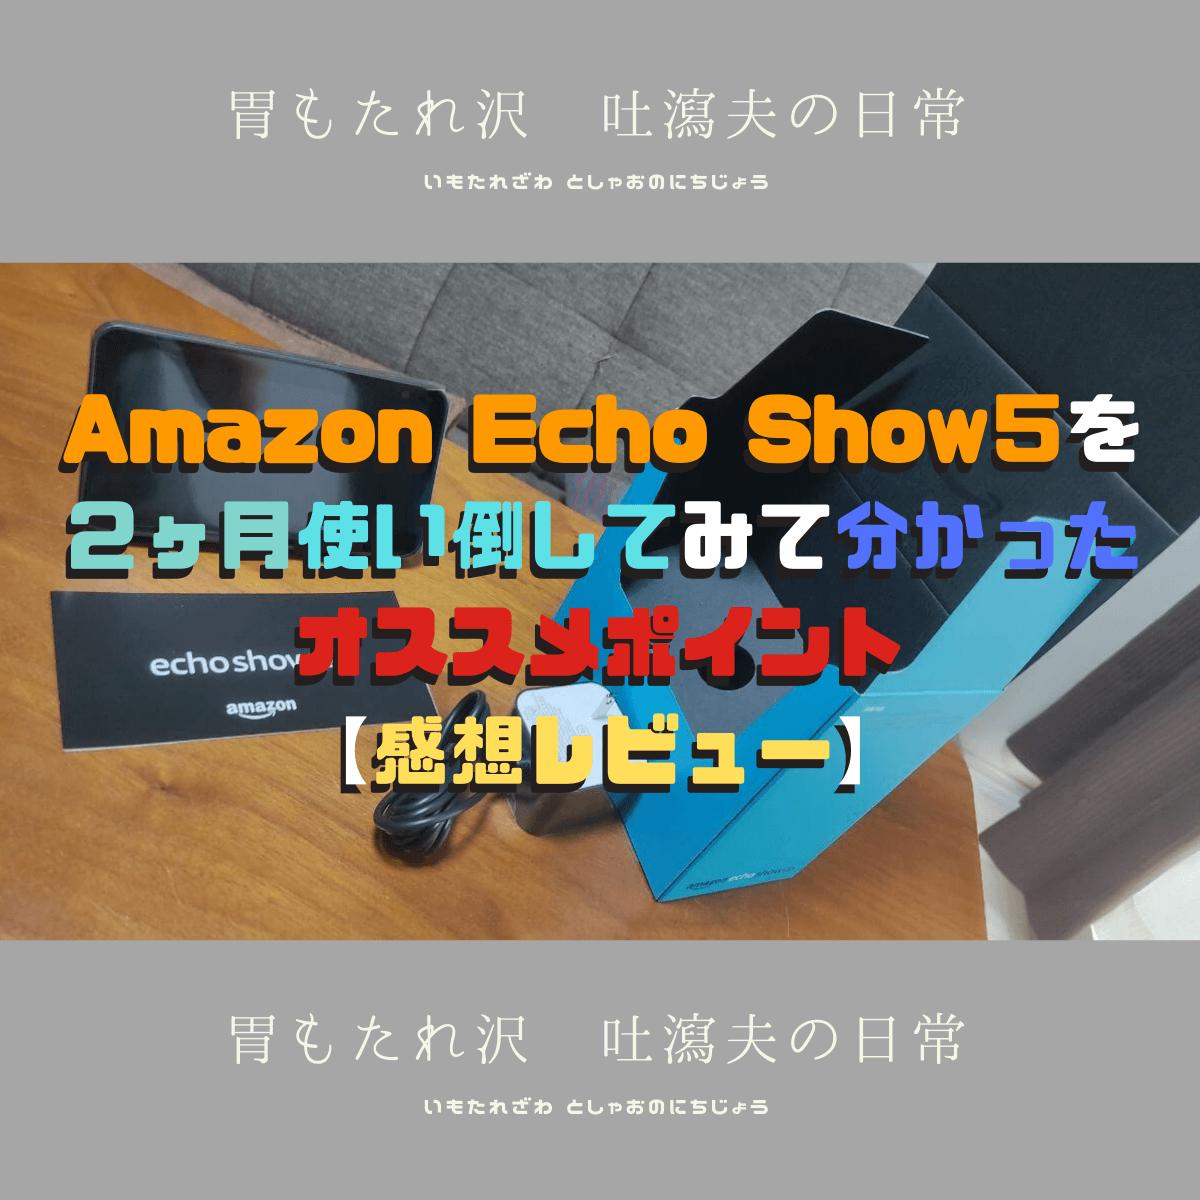 Amazon Echo Show5を 2ヶ月使い倒してみて分かった オススメポイント 【感想レビュー】